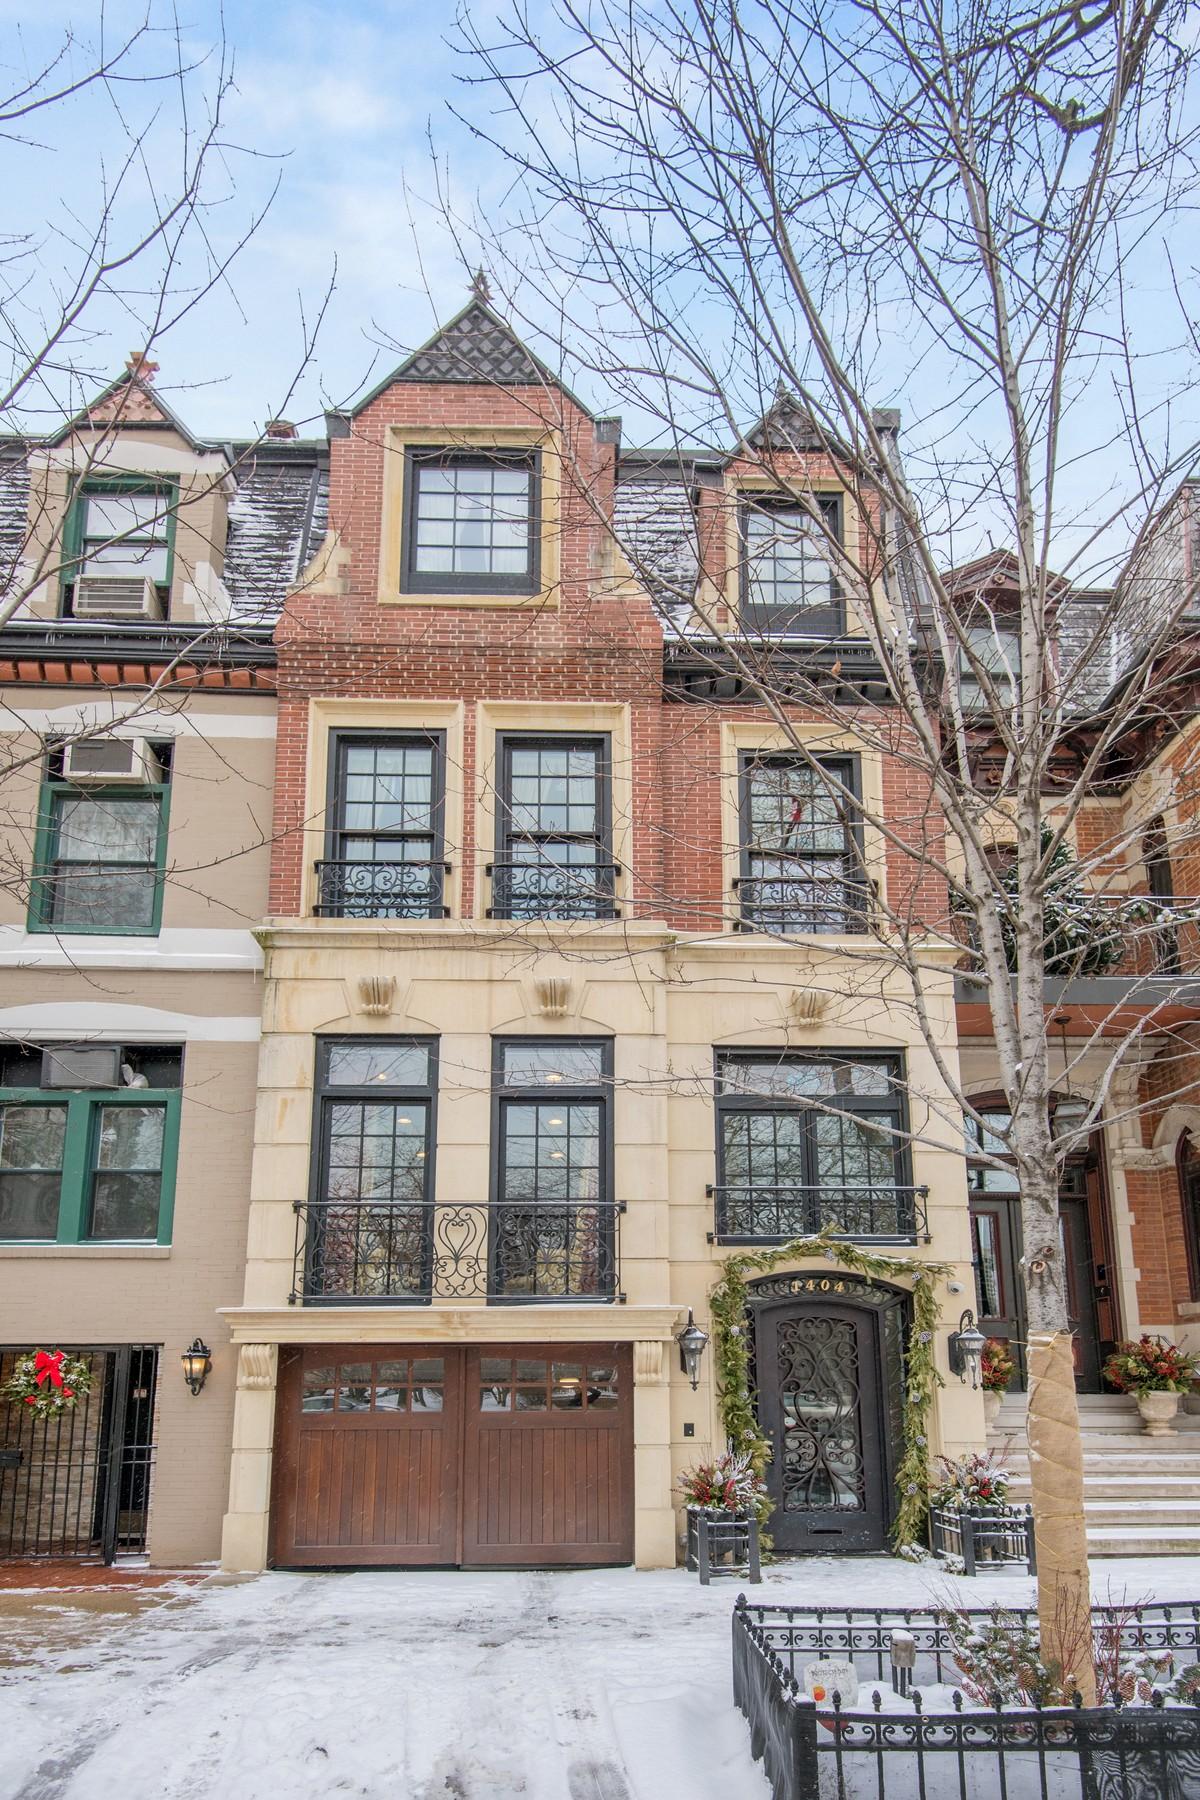 Частный односемейный дом для того Продажа на Recently Renovated Gold Coast Home 1404 N LaSalle Drive, Near North Side, Chicago, Иллинойс, 60610 Соединенные Штаты